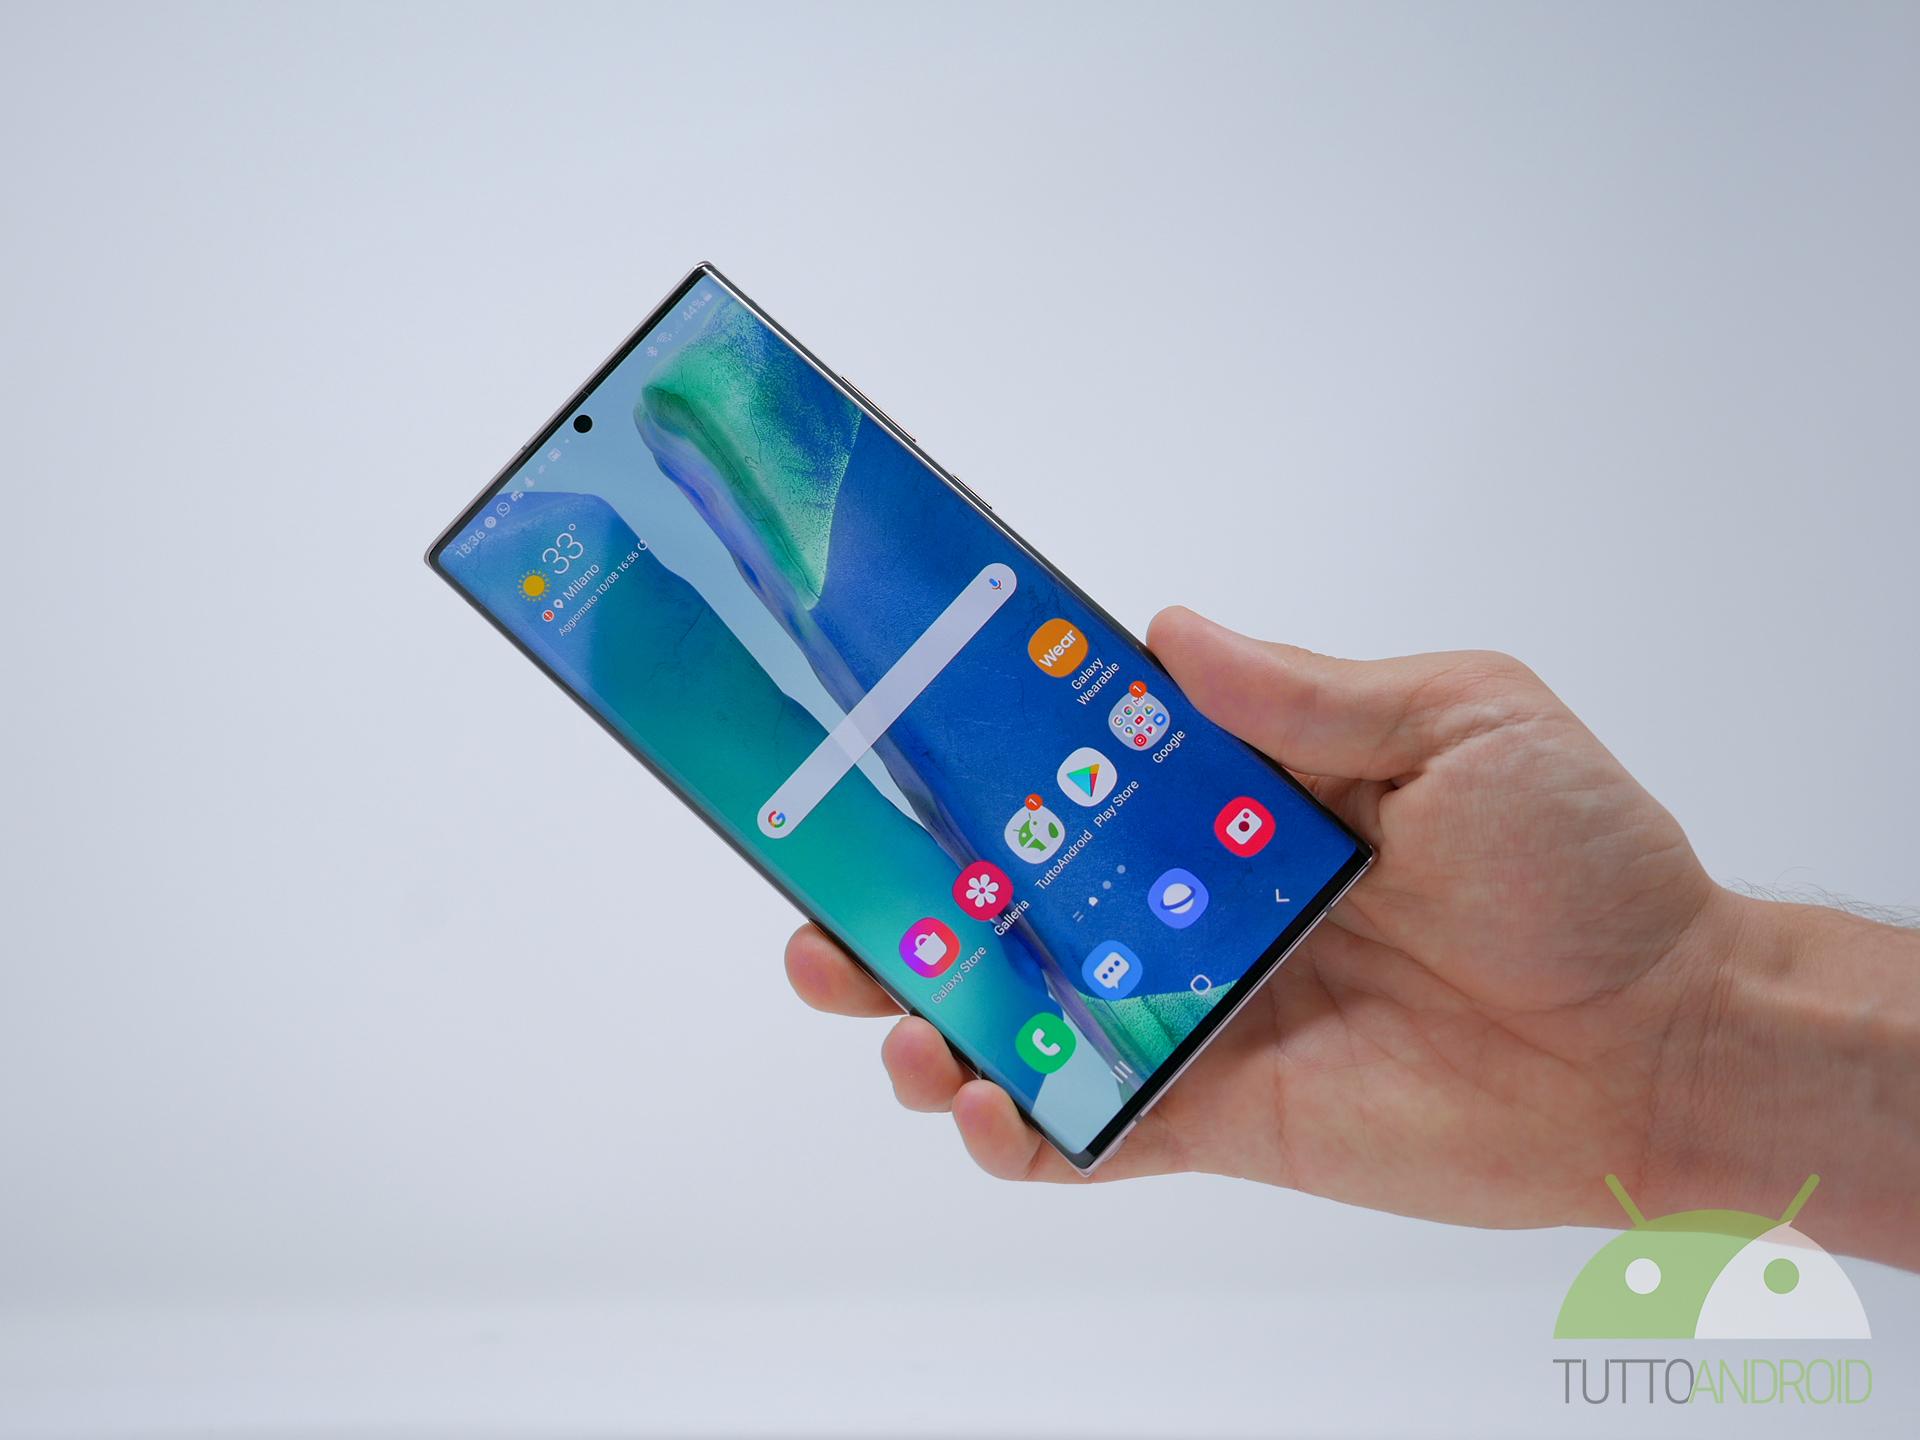 Parte il rollout della beta della One UI 3.0 per la serie Samsung Galaxy Note 20